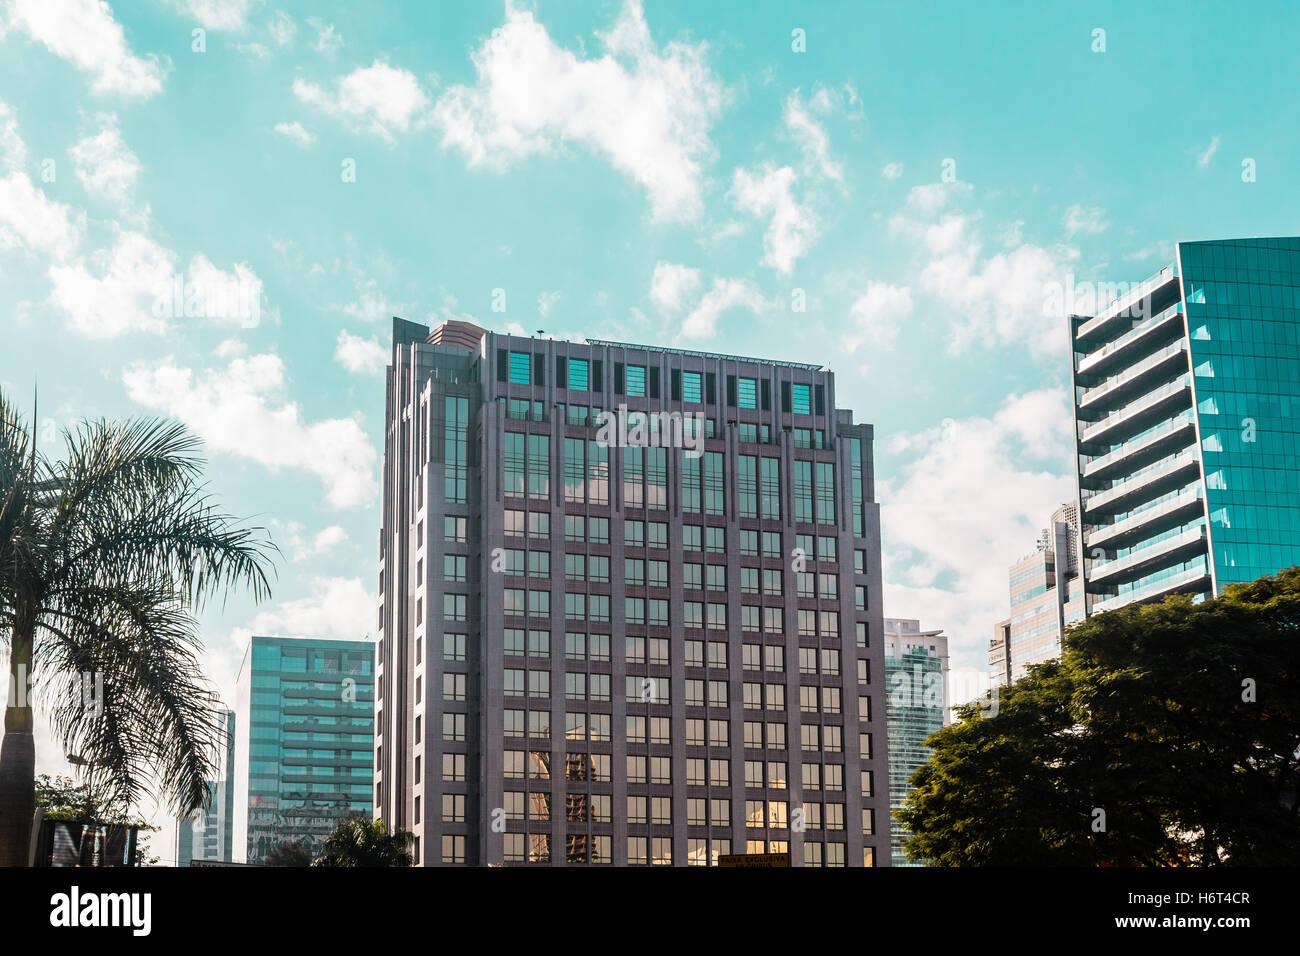 Photo de bâtiments et les rues de Sao Paulo, Brésil (Brasil) Banque D'Images